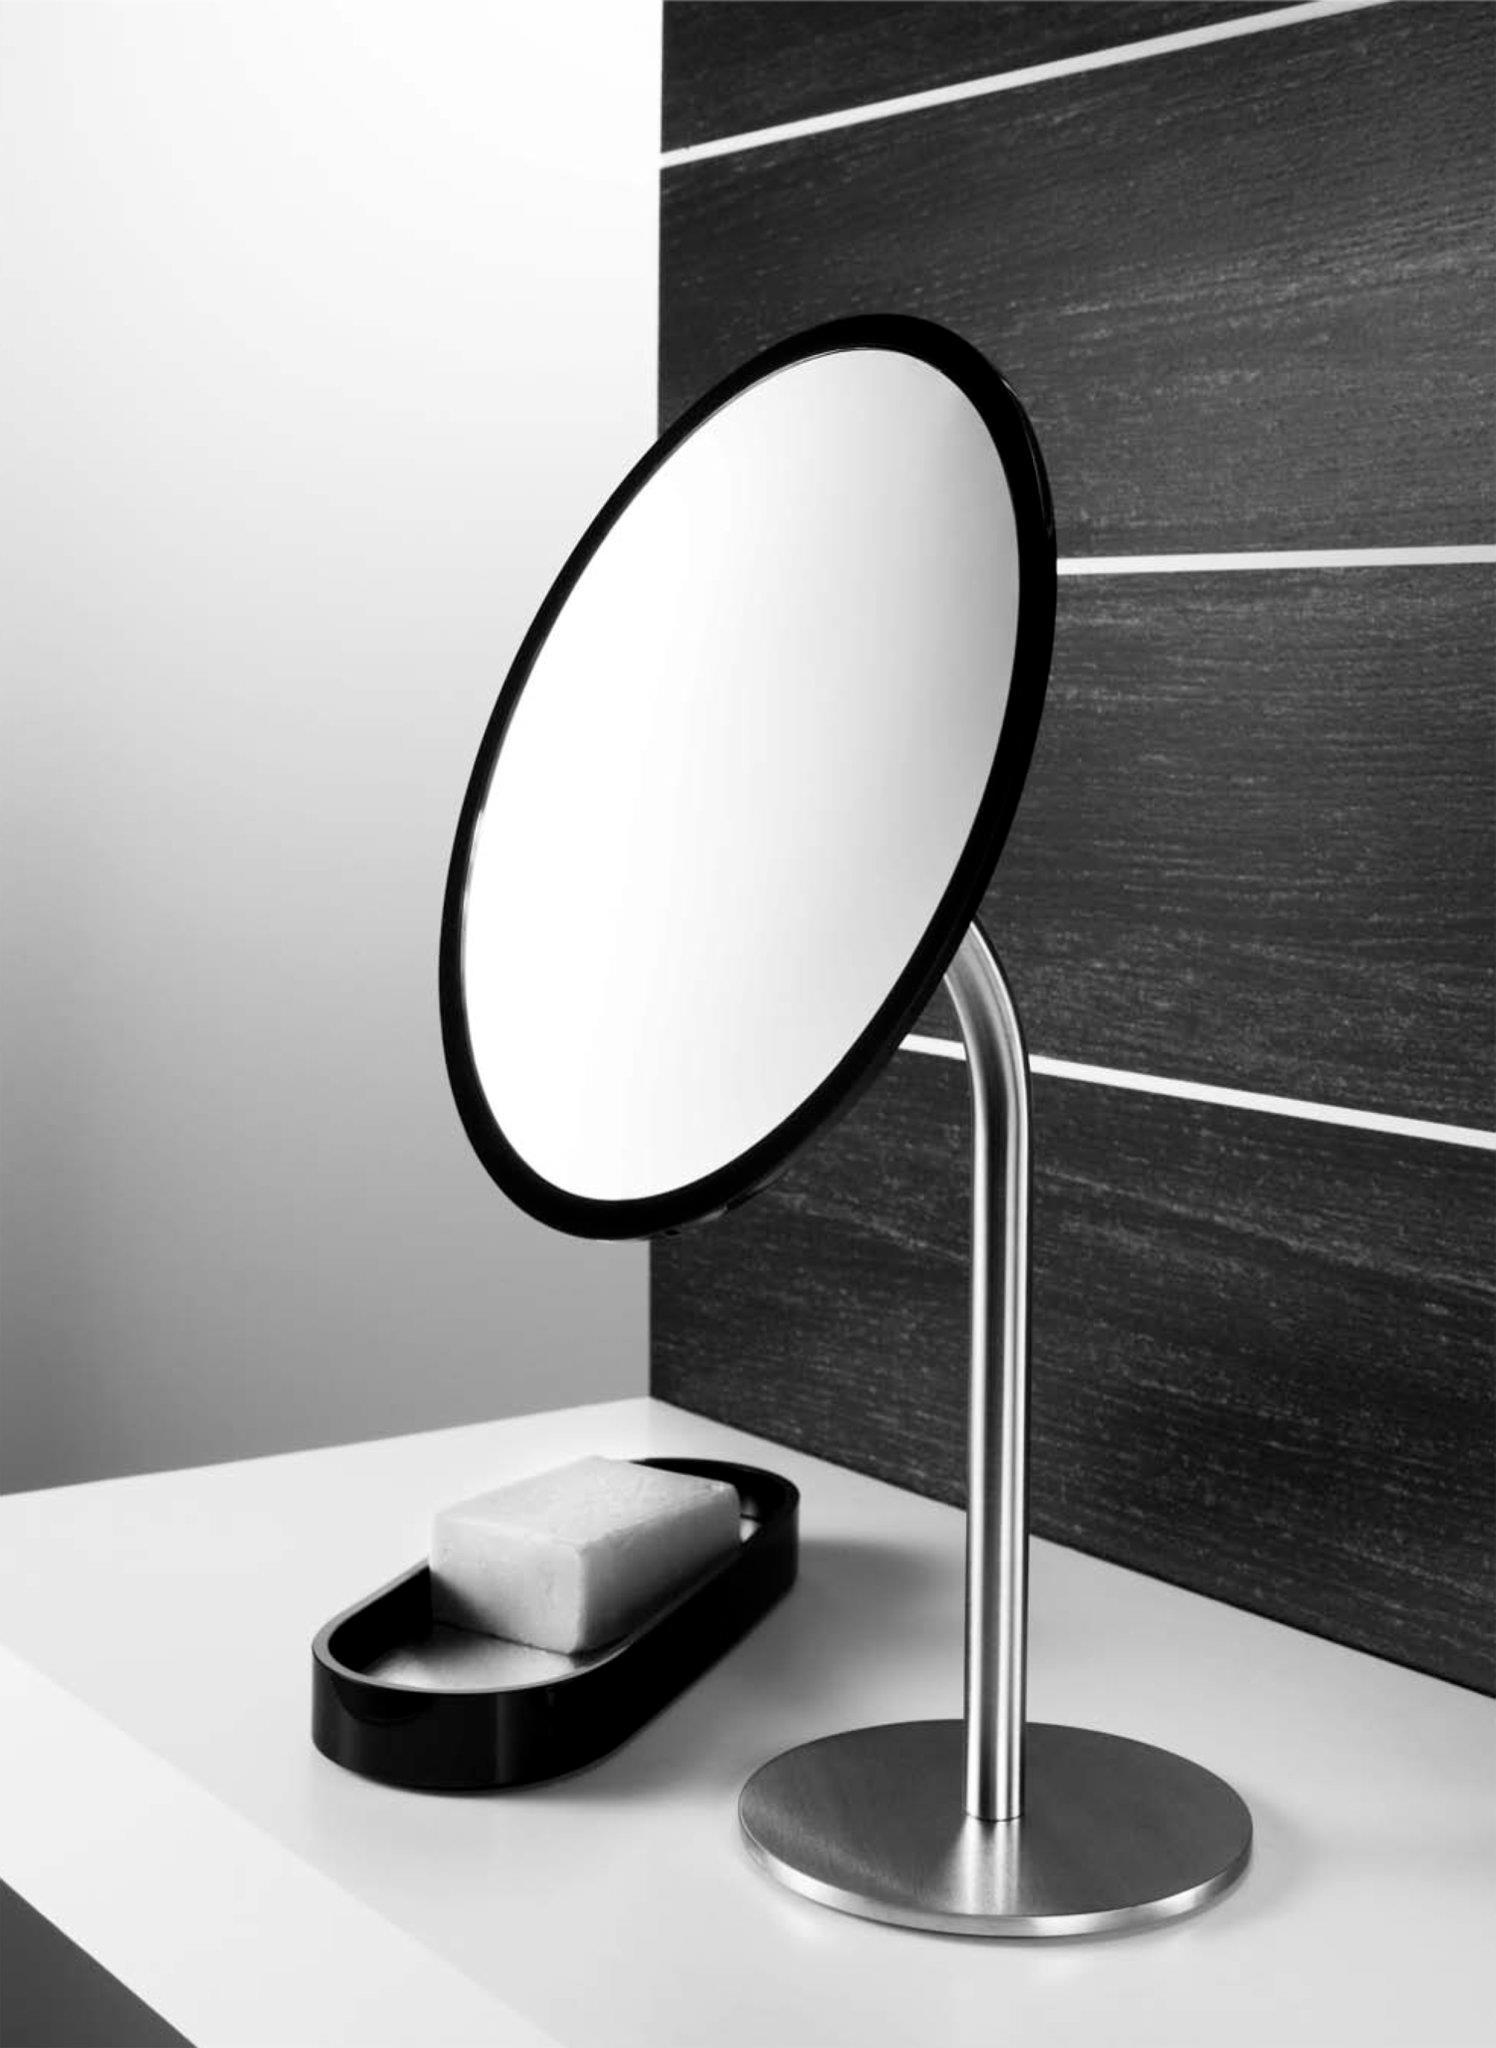 Accesorios de ba o duchas for Accesorios bano minusvalidos